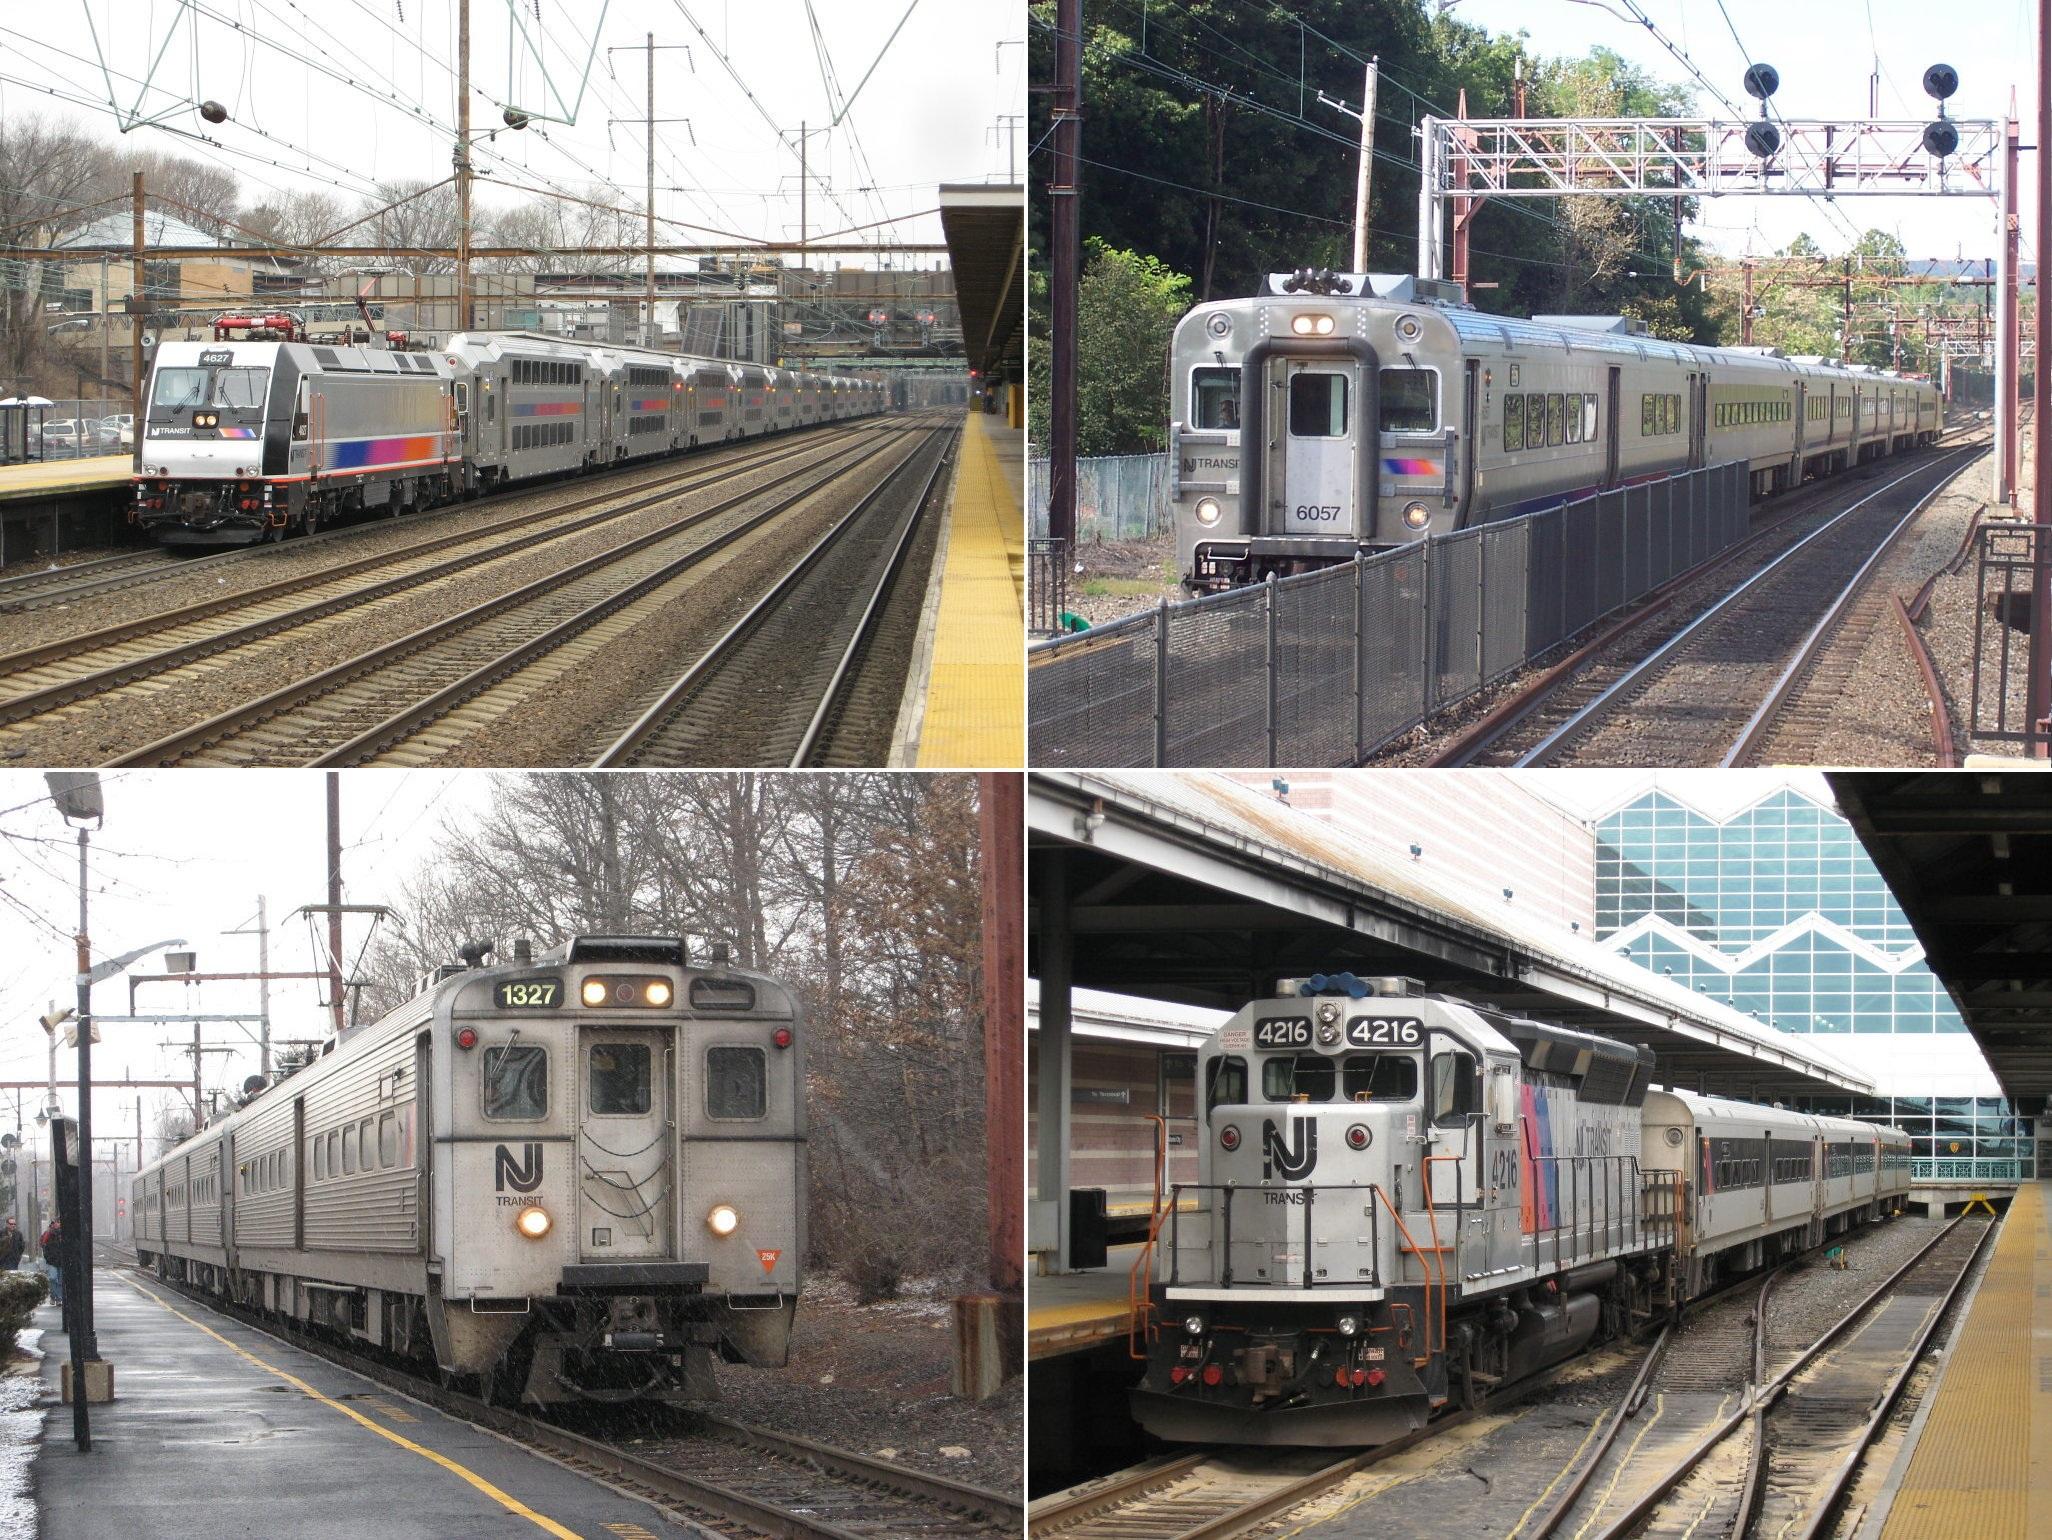 Nj Transit Rail Operations Wikiwand